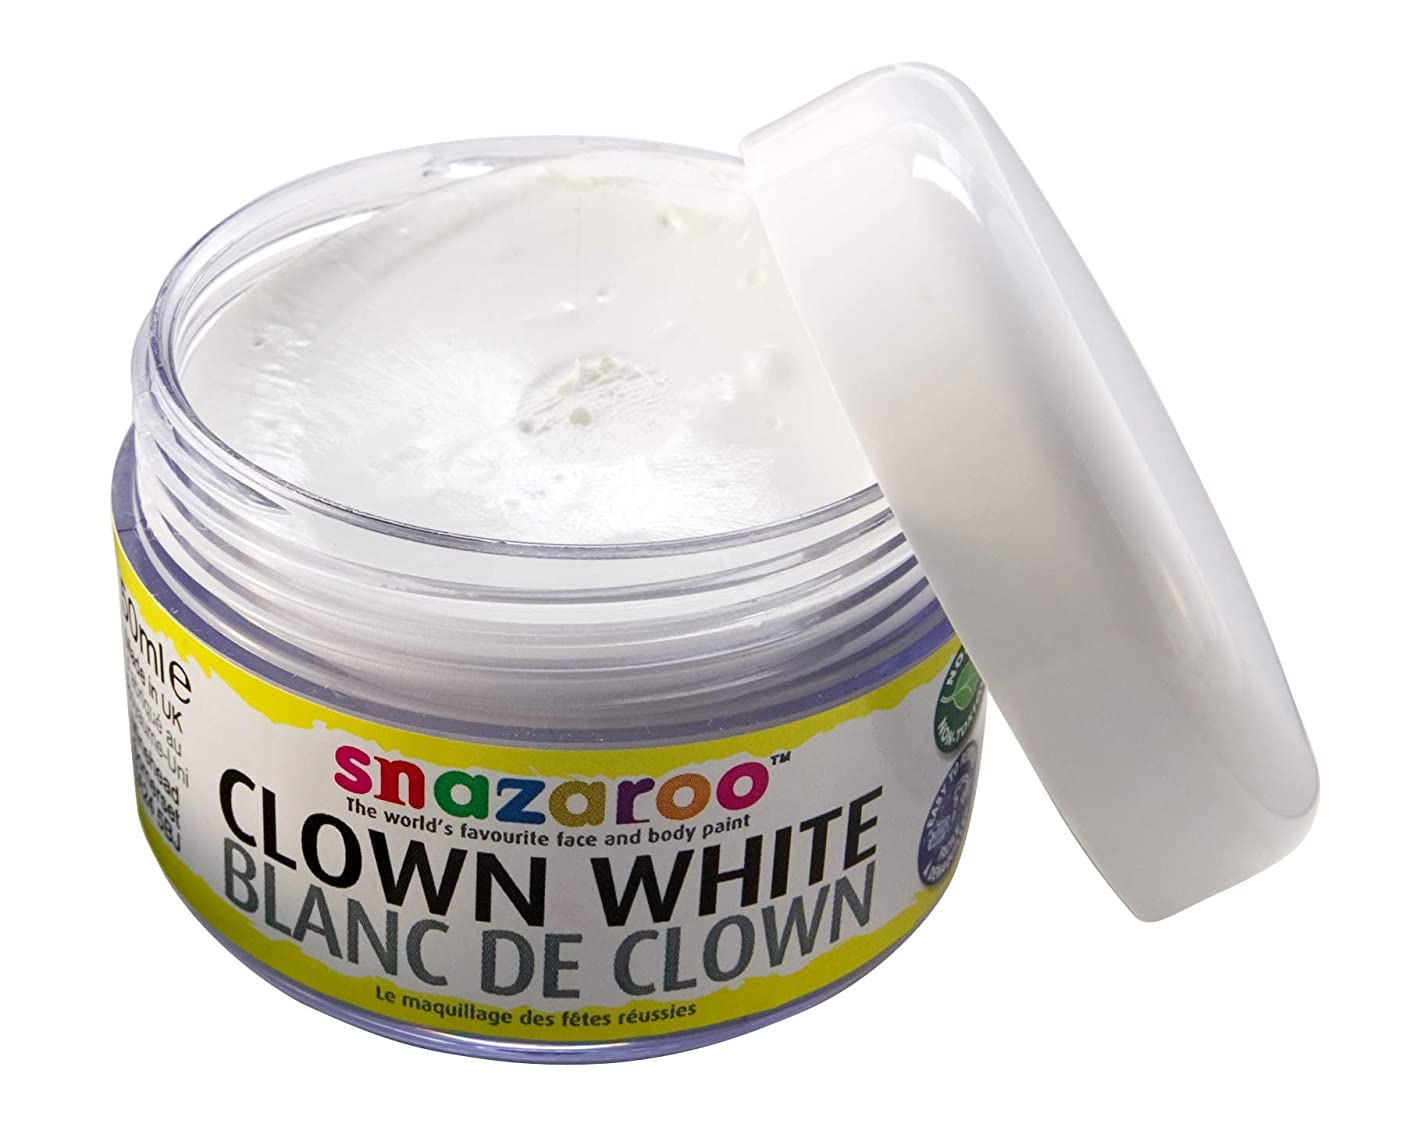 Snazaroo Face Paint Clown White, 50ml